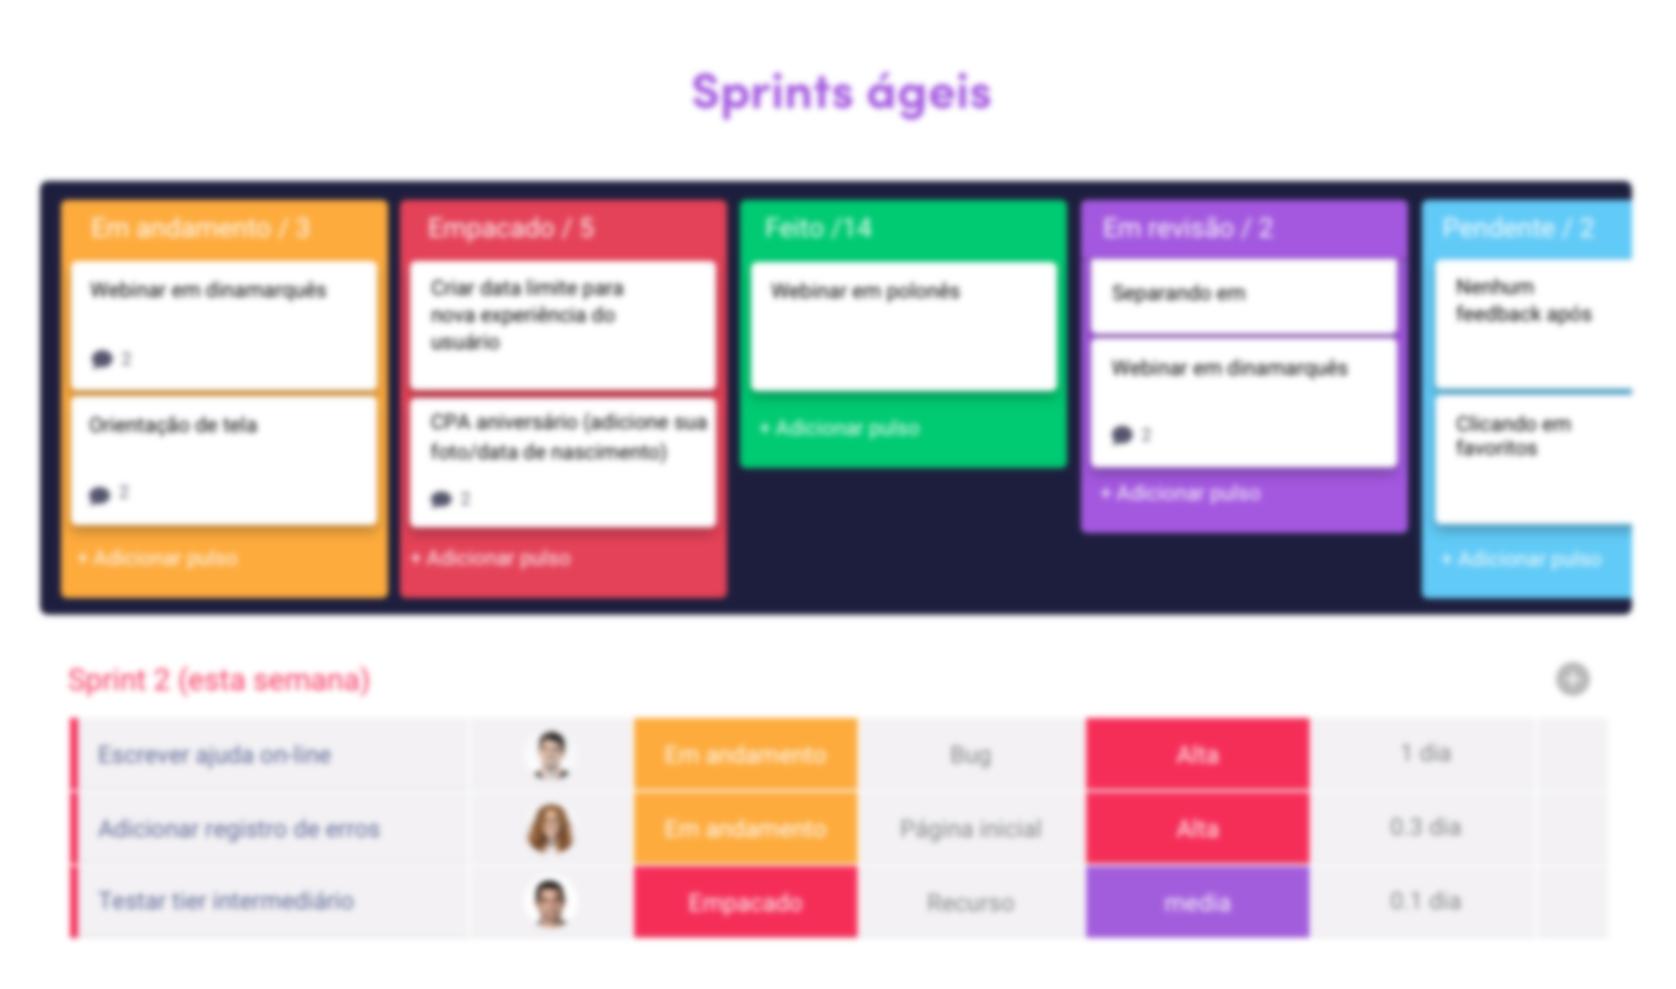 19c555ea-d5b2-494a-aa41-0c9be9ff21d7_AgileSprints-Portuguese.png